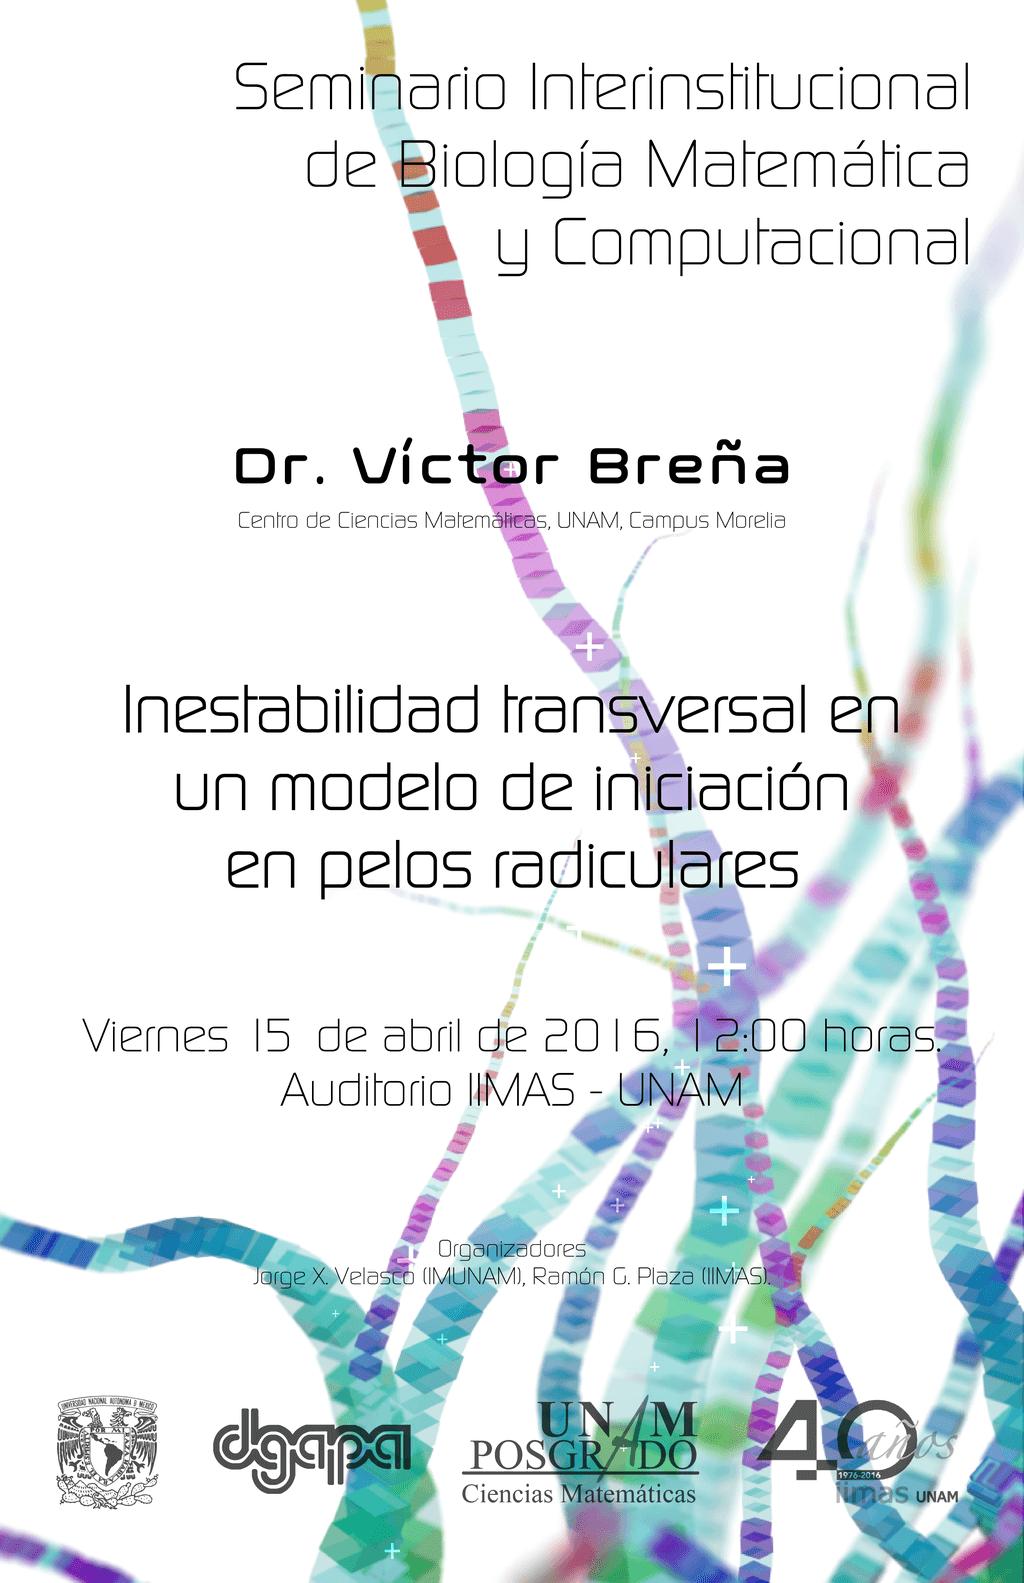 1er. Seminario Interinstitucional de Biología Matemática y Computacional